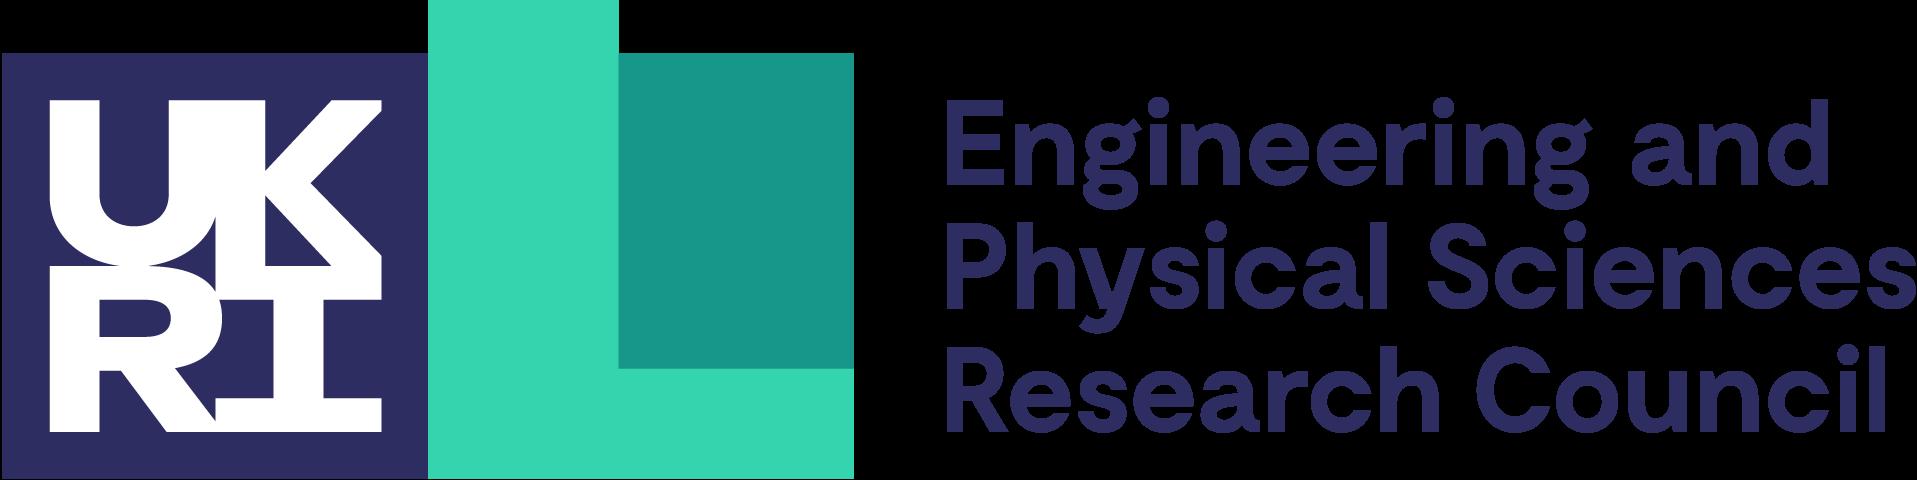 UKRI | EPSRC logo